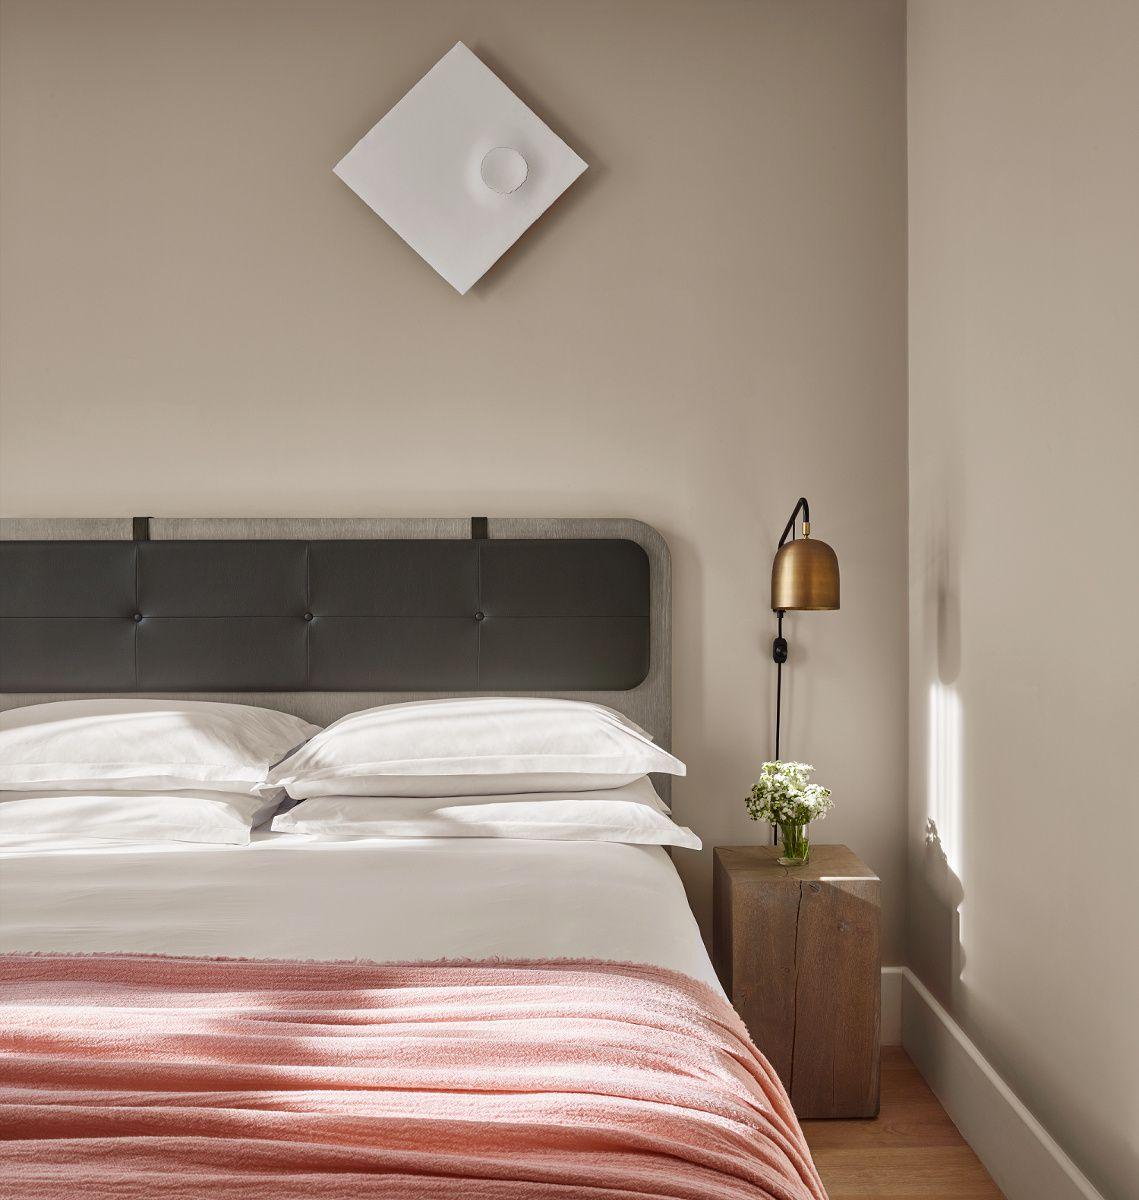 Muebles Hechos A Mano Galer A De Fotos 5 De 16 Ad Your Home  # Muebles Hechos A Mano